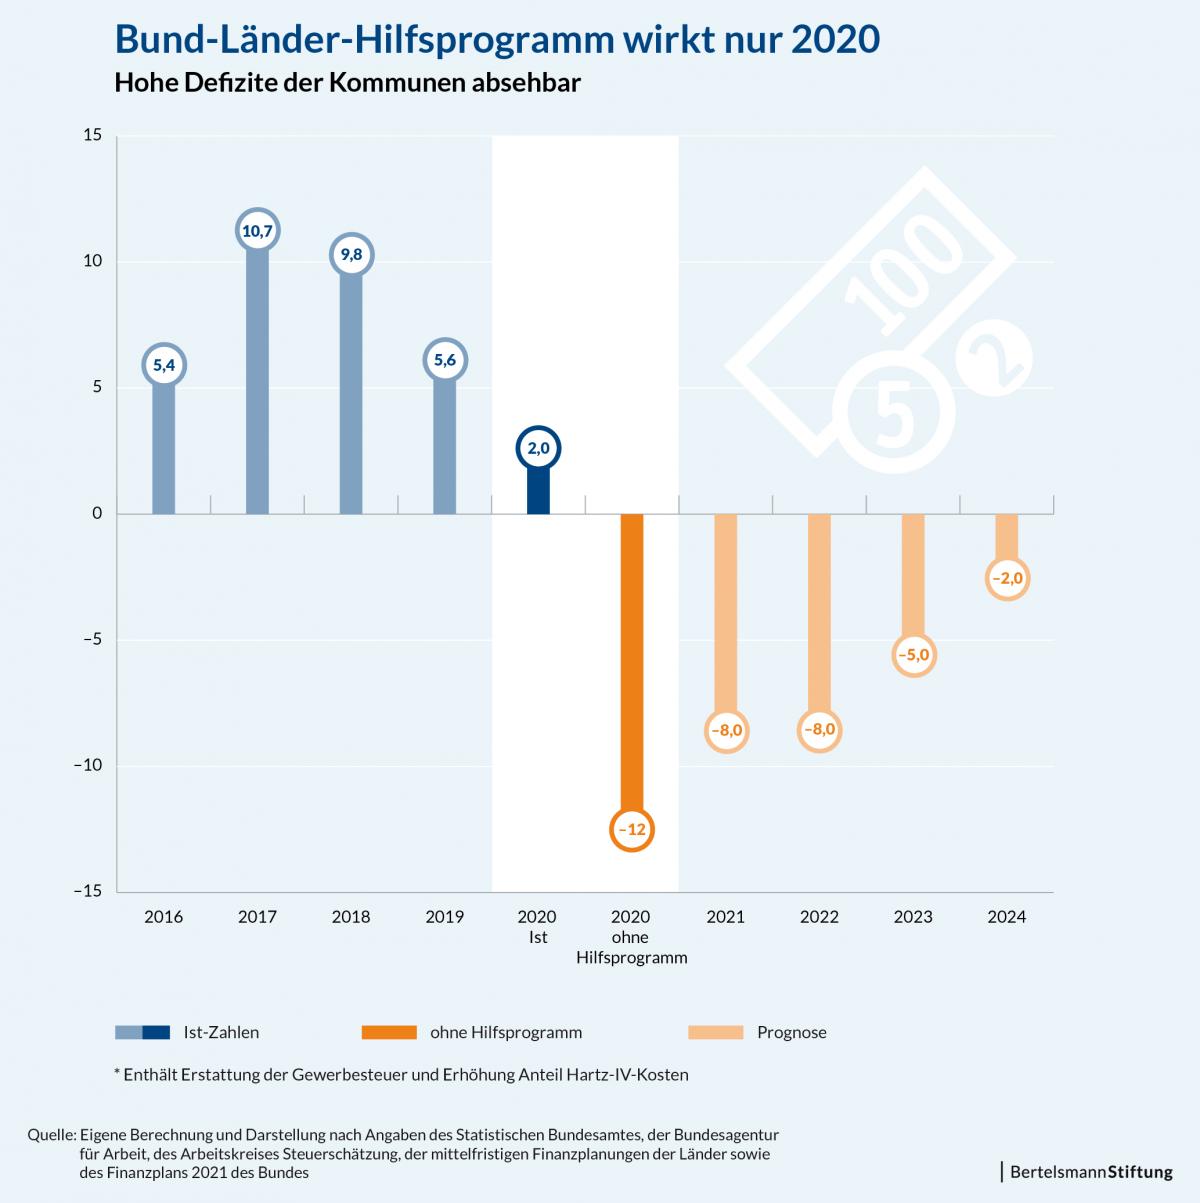 Bund-Länder-Hilfsprogramm wirkt nur 2020